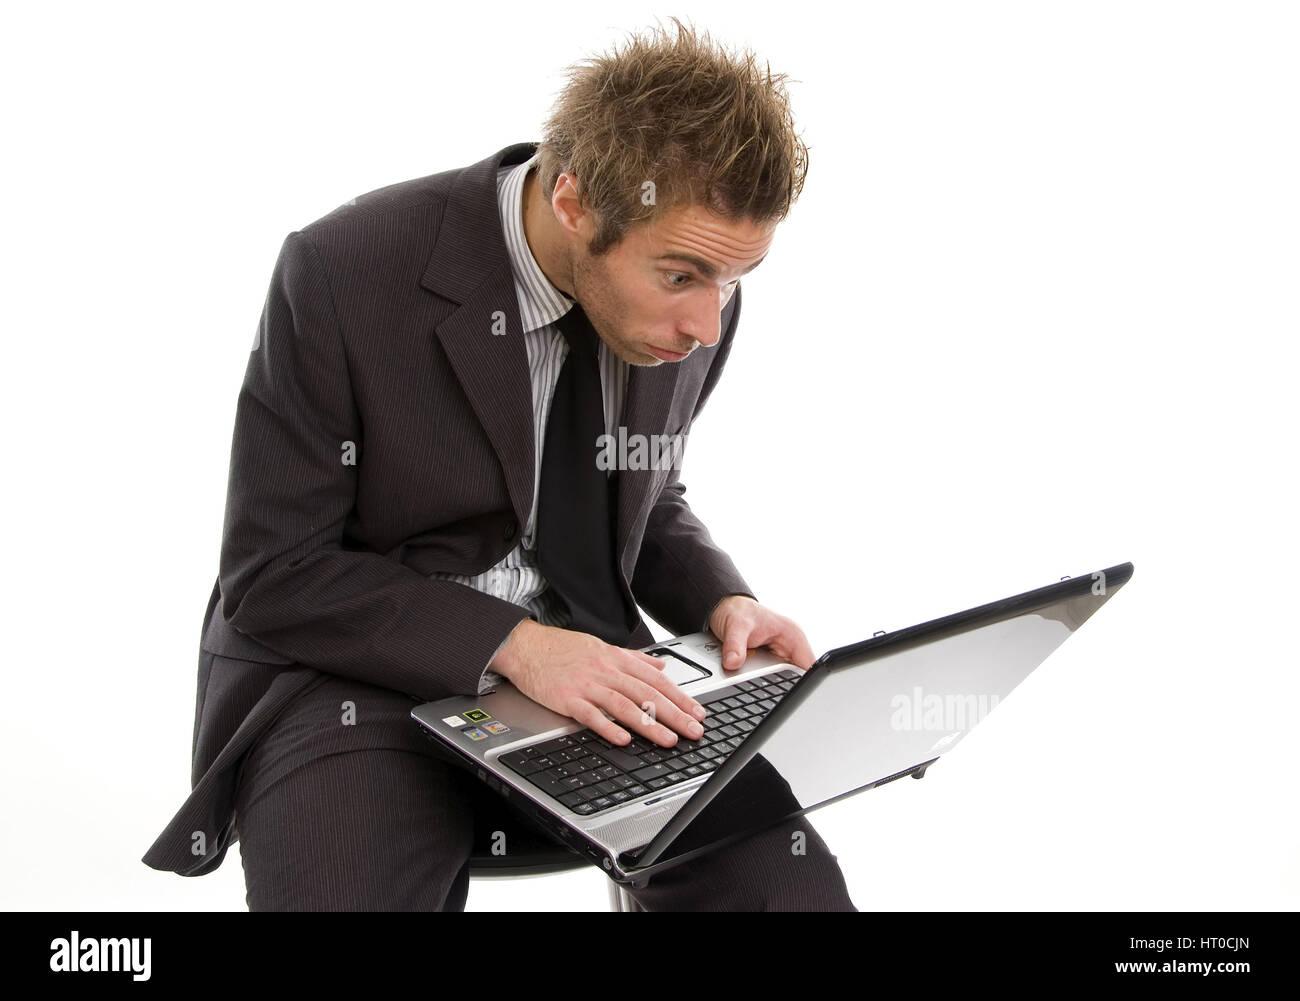 ‹berforderter Gesch‰ftsmann arbeitet am Laptop - overstrained business man using laptop Stock Photo